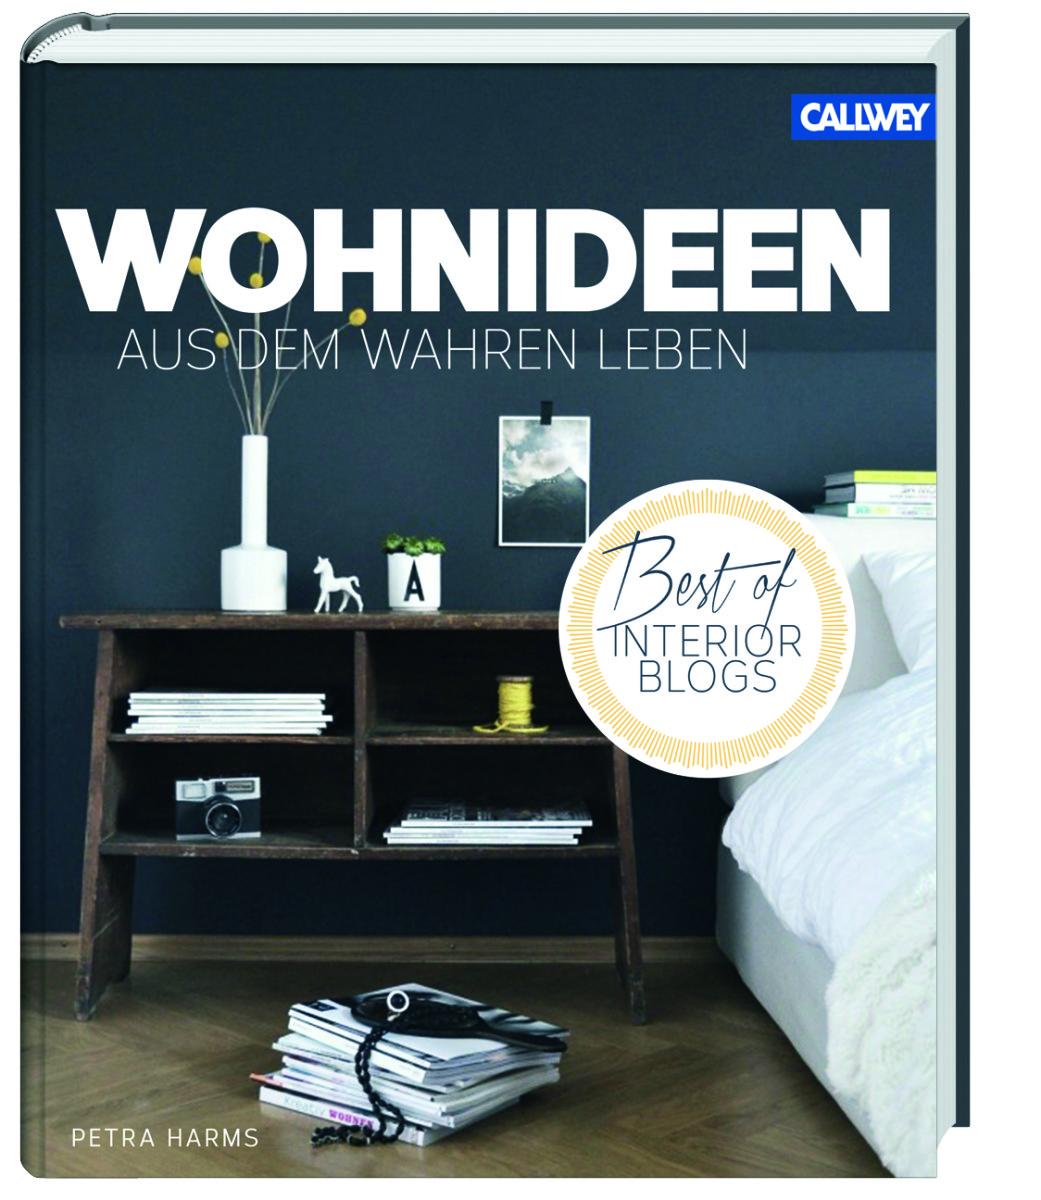 Wohnideen Wohn Blog Die Besten Wohndesign Blogs Urbanara Online Magazin - Design Ideen